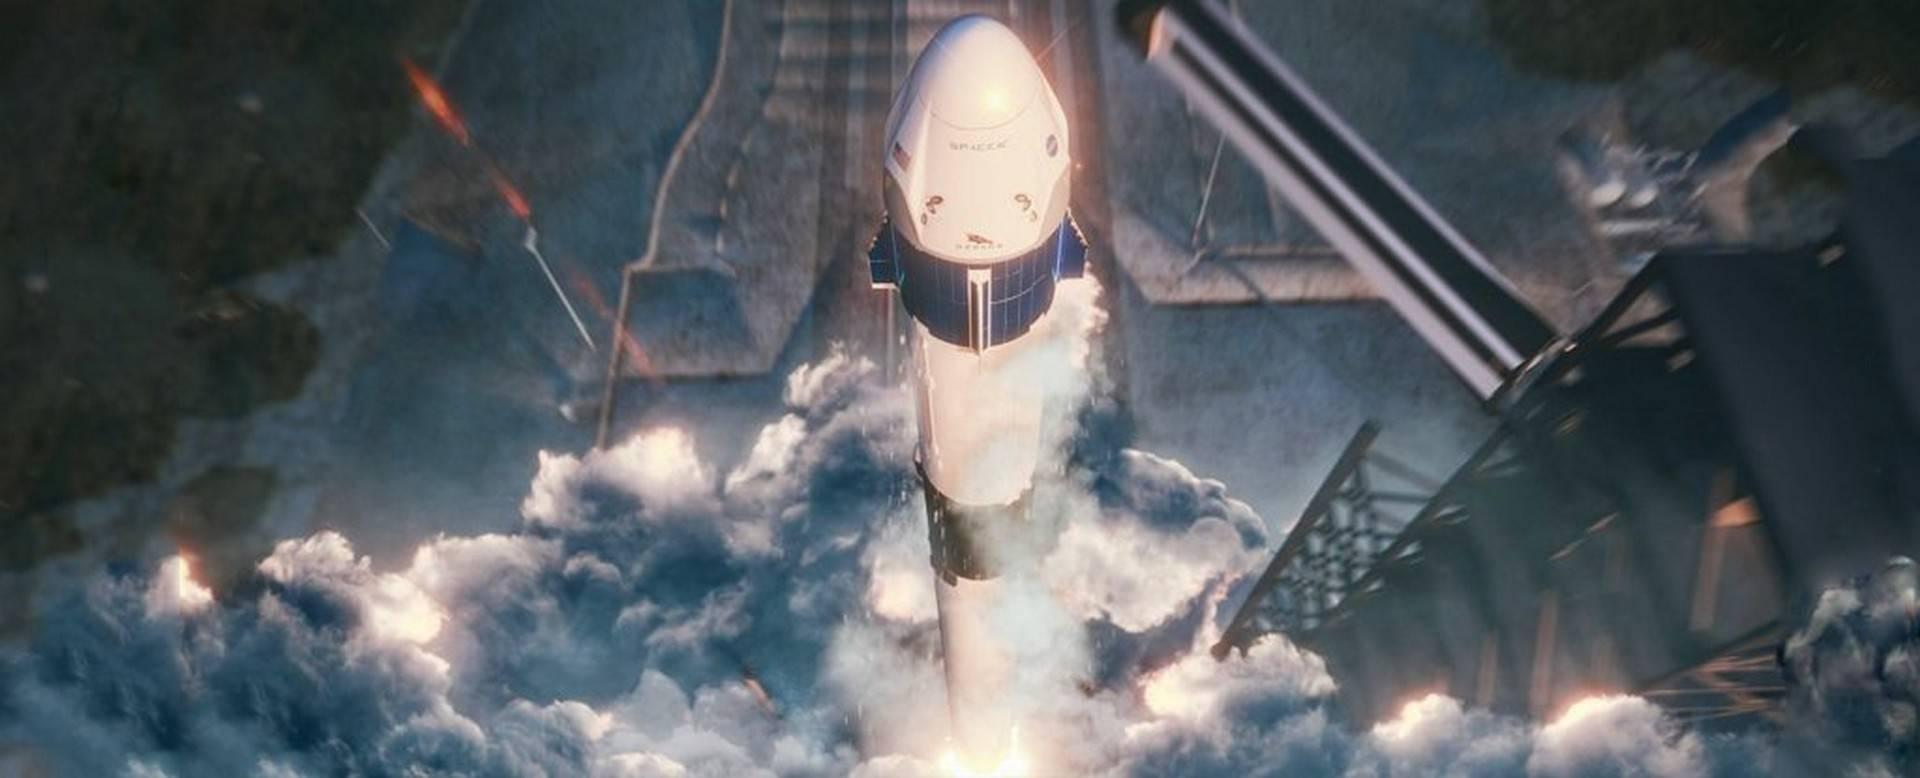 SpaceX pronta al decollo della Crew Dragon verso la ISS